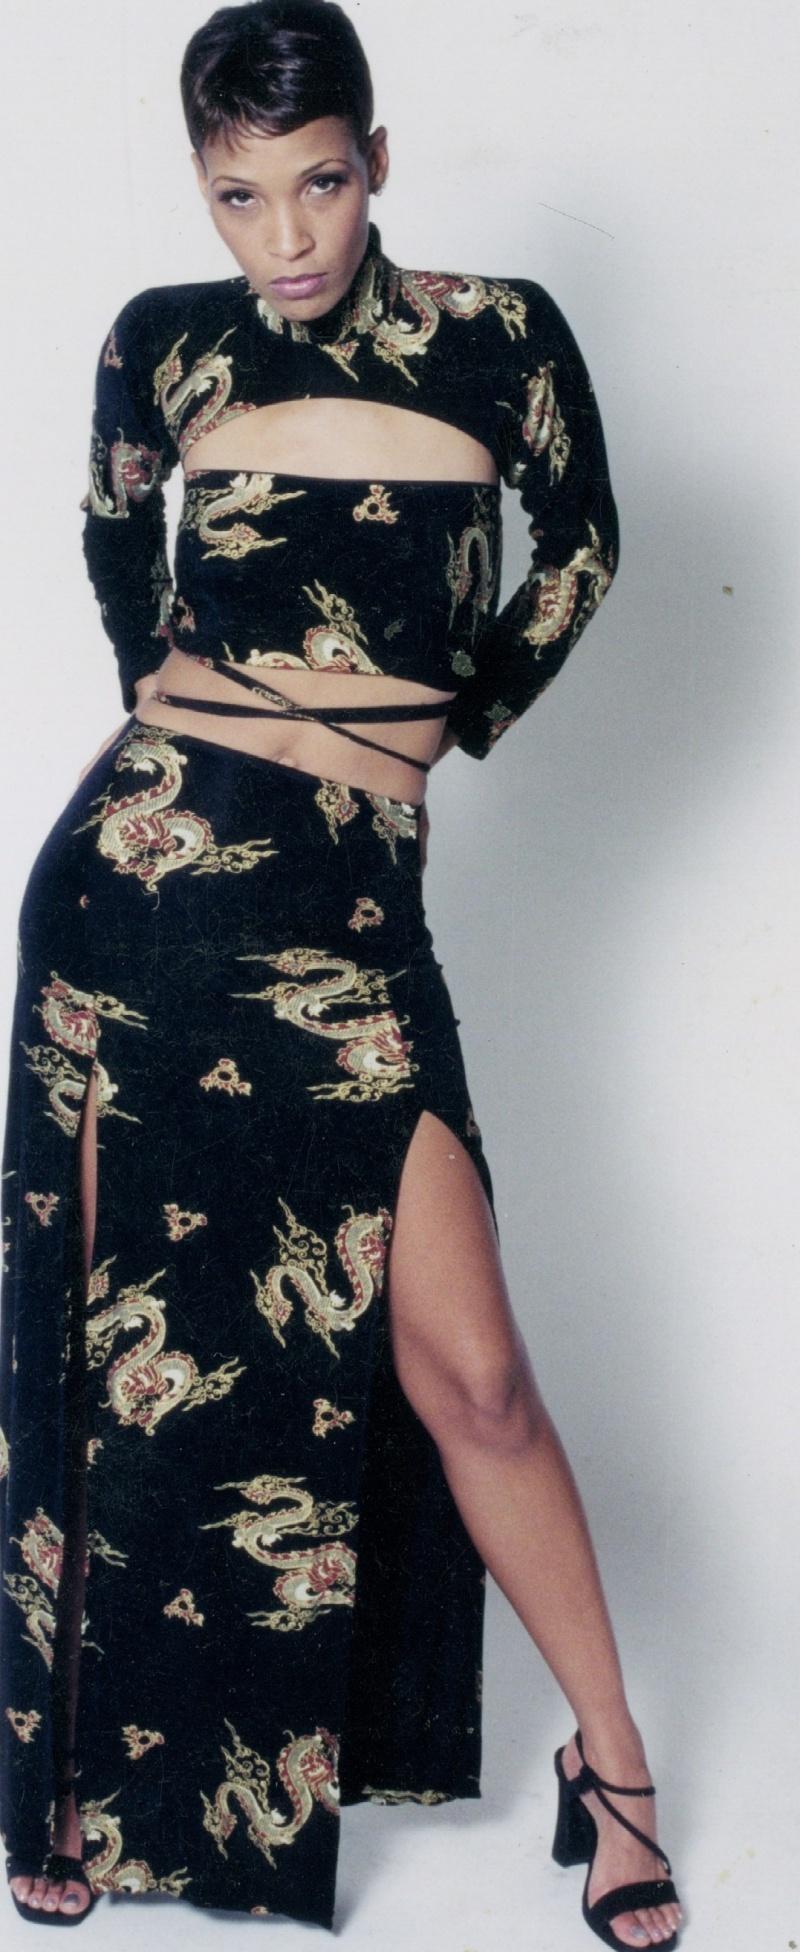 O Sep 08, 2008 Designer James Head Model Marla Davis 1990